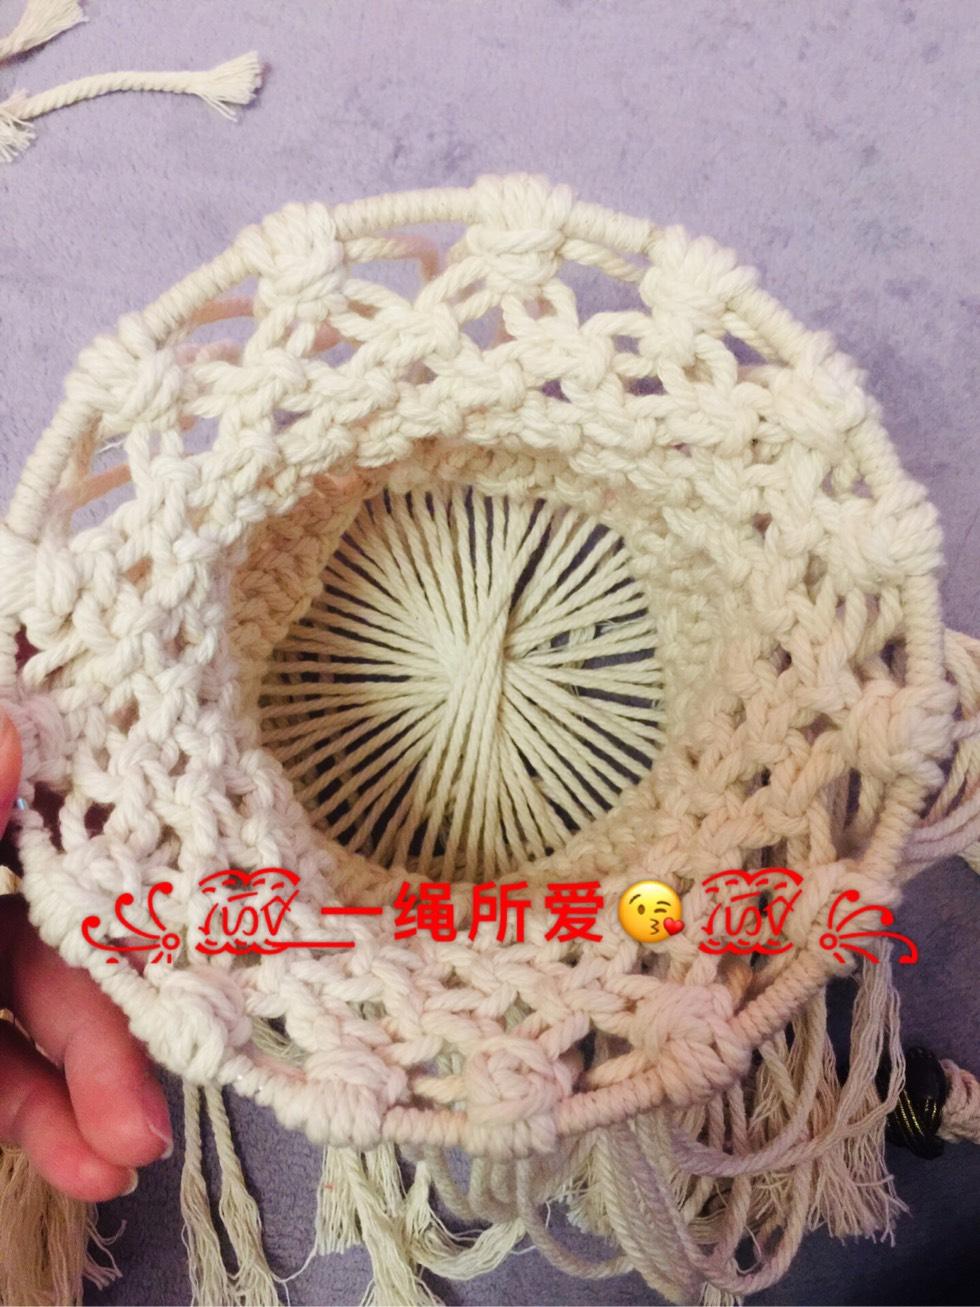 中国结论坛 原创·Macrame 收纳篮  立体绳结教程与交流区 143035n9lilu934g4949yc